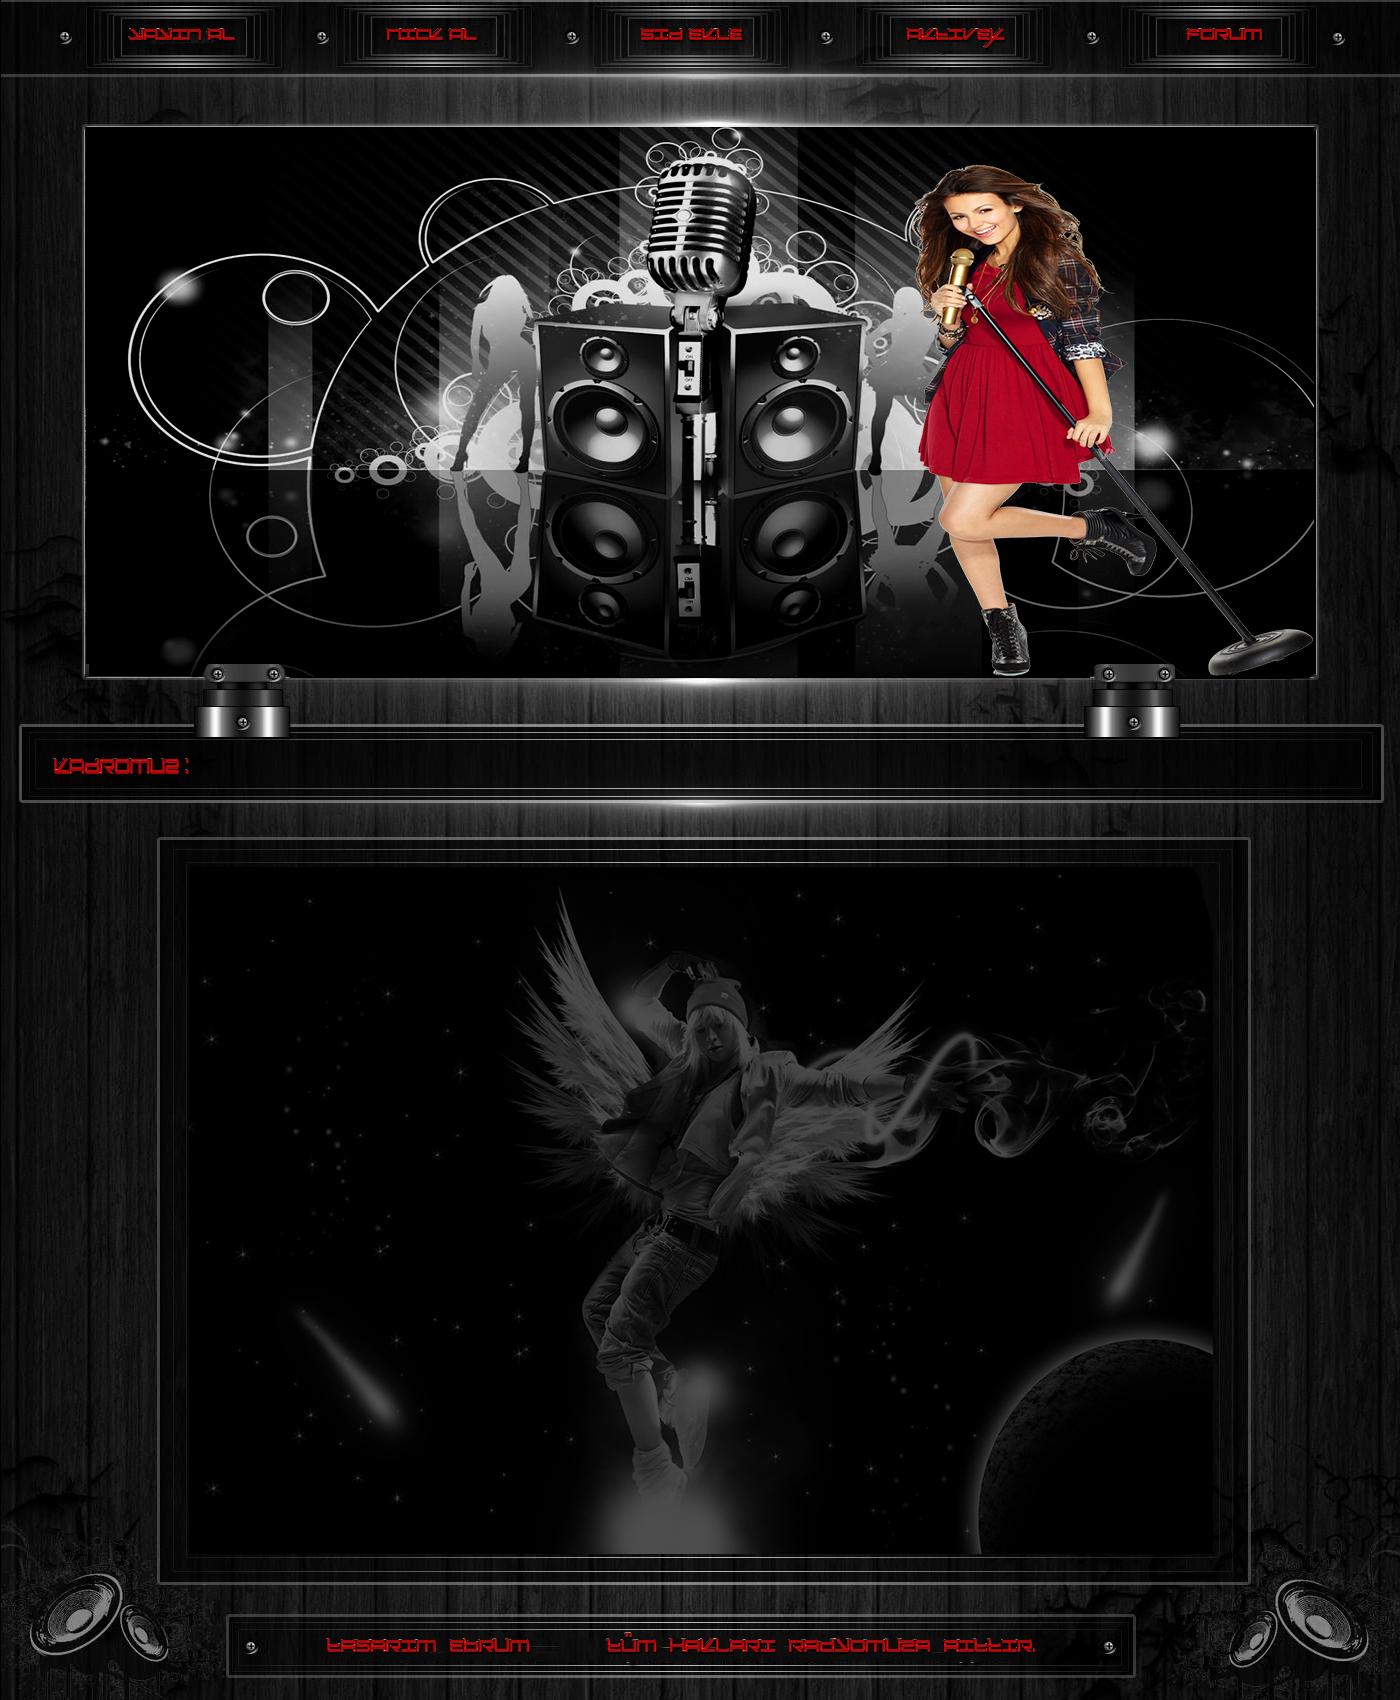 Müzik Dans Hoparlör Radyo İndex [900x600 Boyutunda]